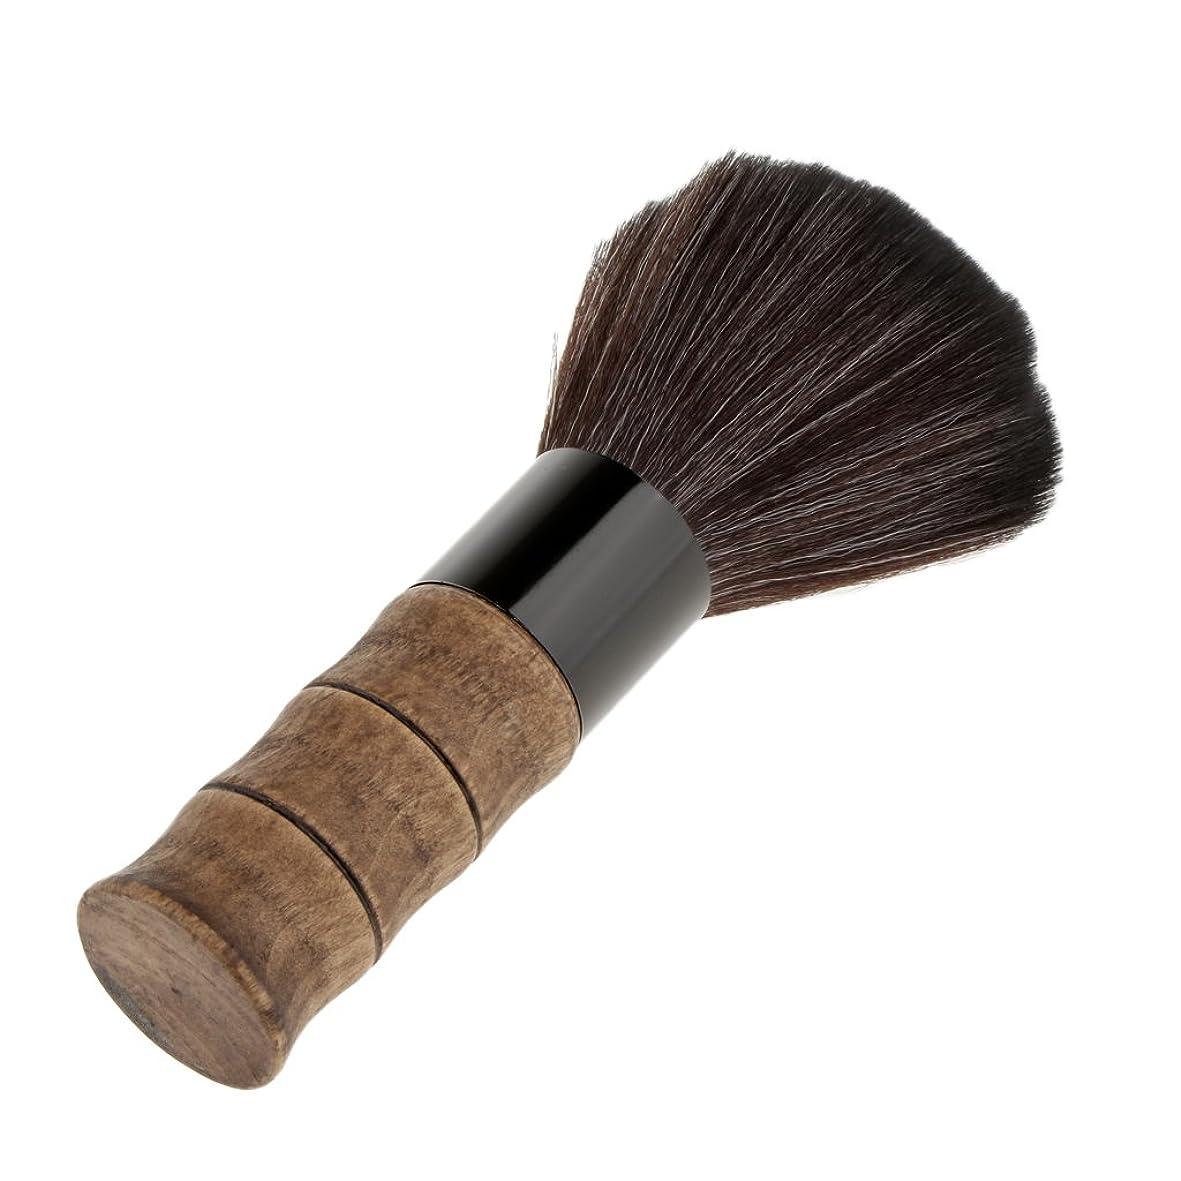 強調傭兵断言するBaosity ブラシ シェービングブラシ メイクブラシ ソフト 超柔らかい 繊維 洗顔 木製ハンドル 泡立ち 2色選べる  - ブラック